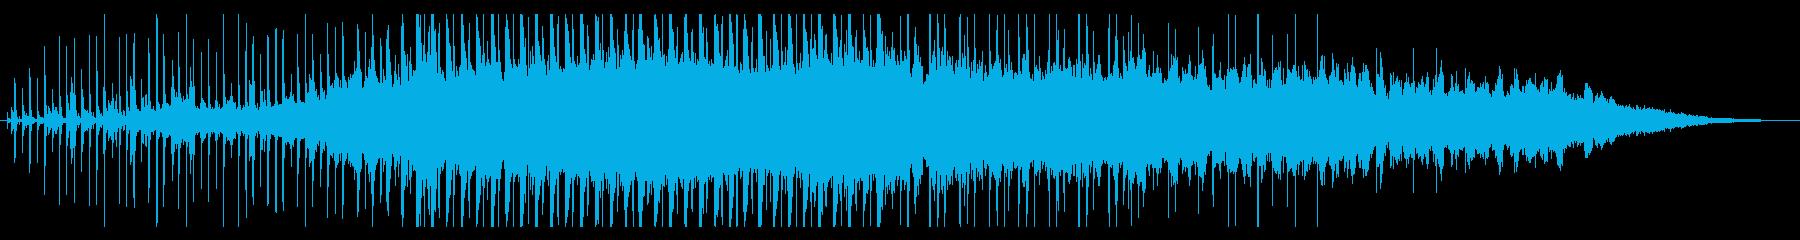 60秒 動画広告等 メロウなテクノポップの再生済みの波形